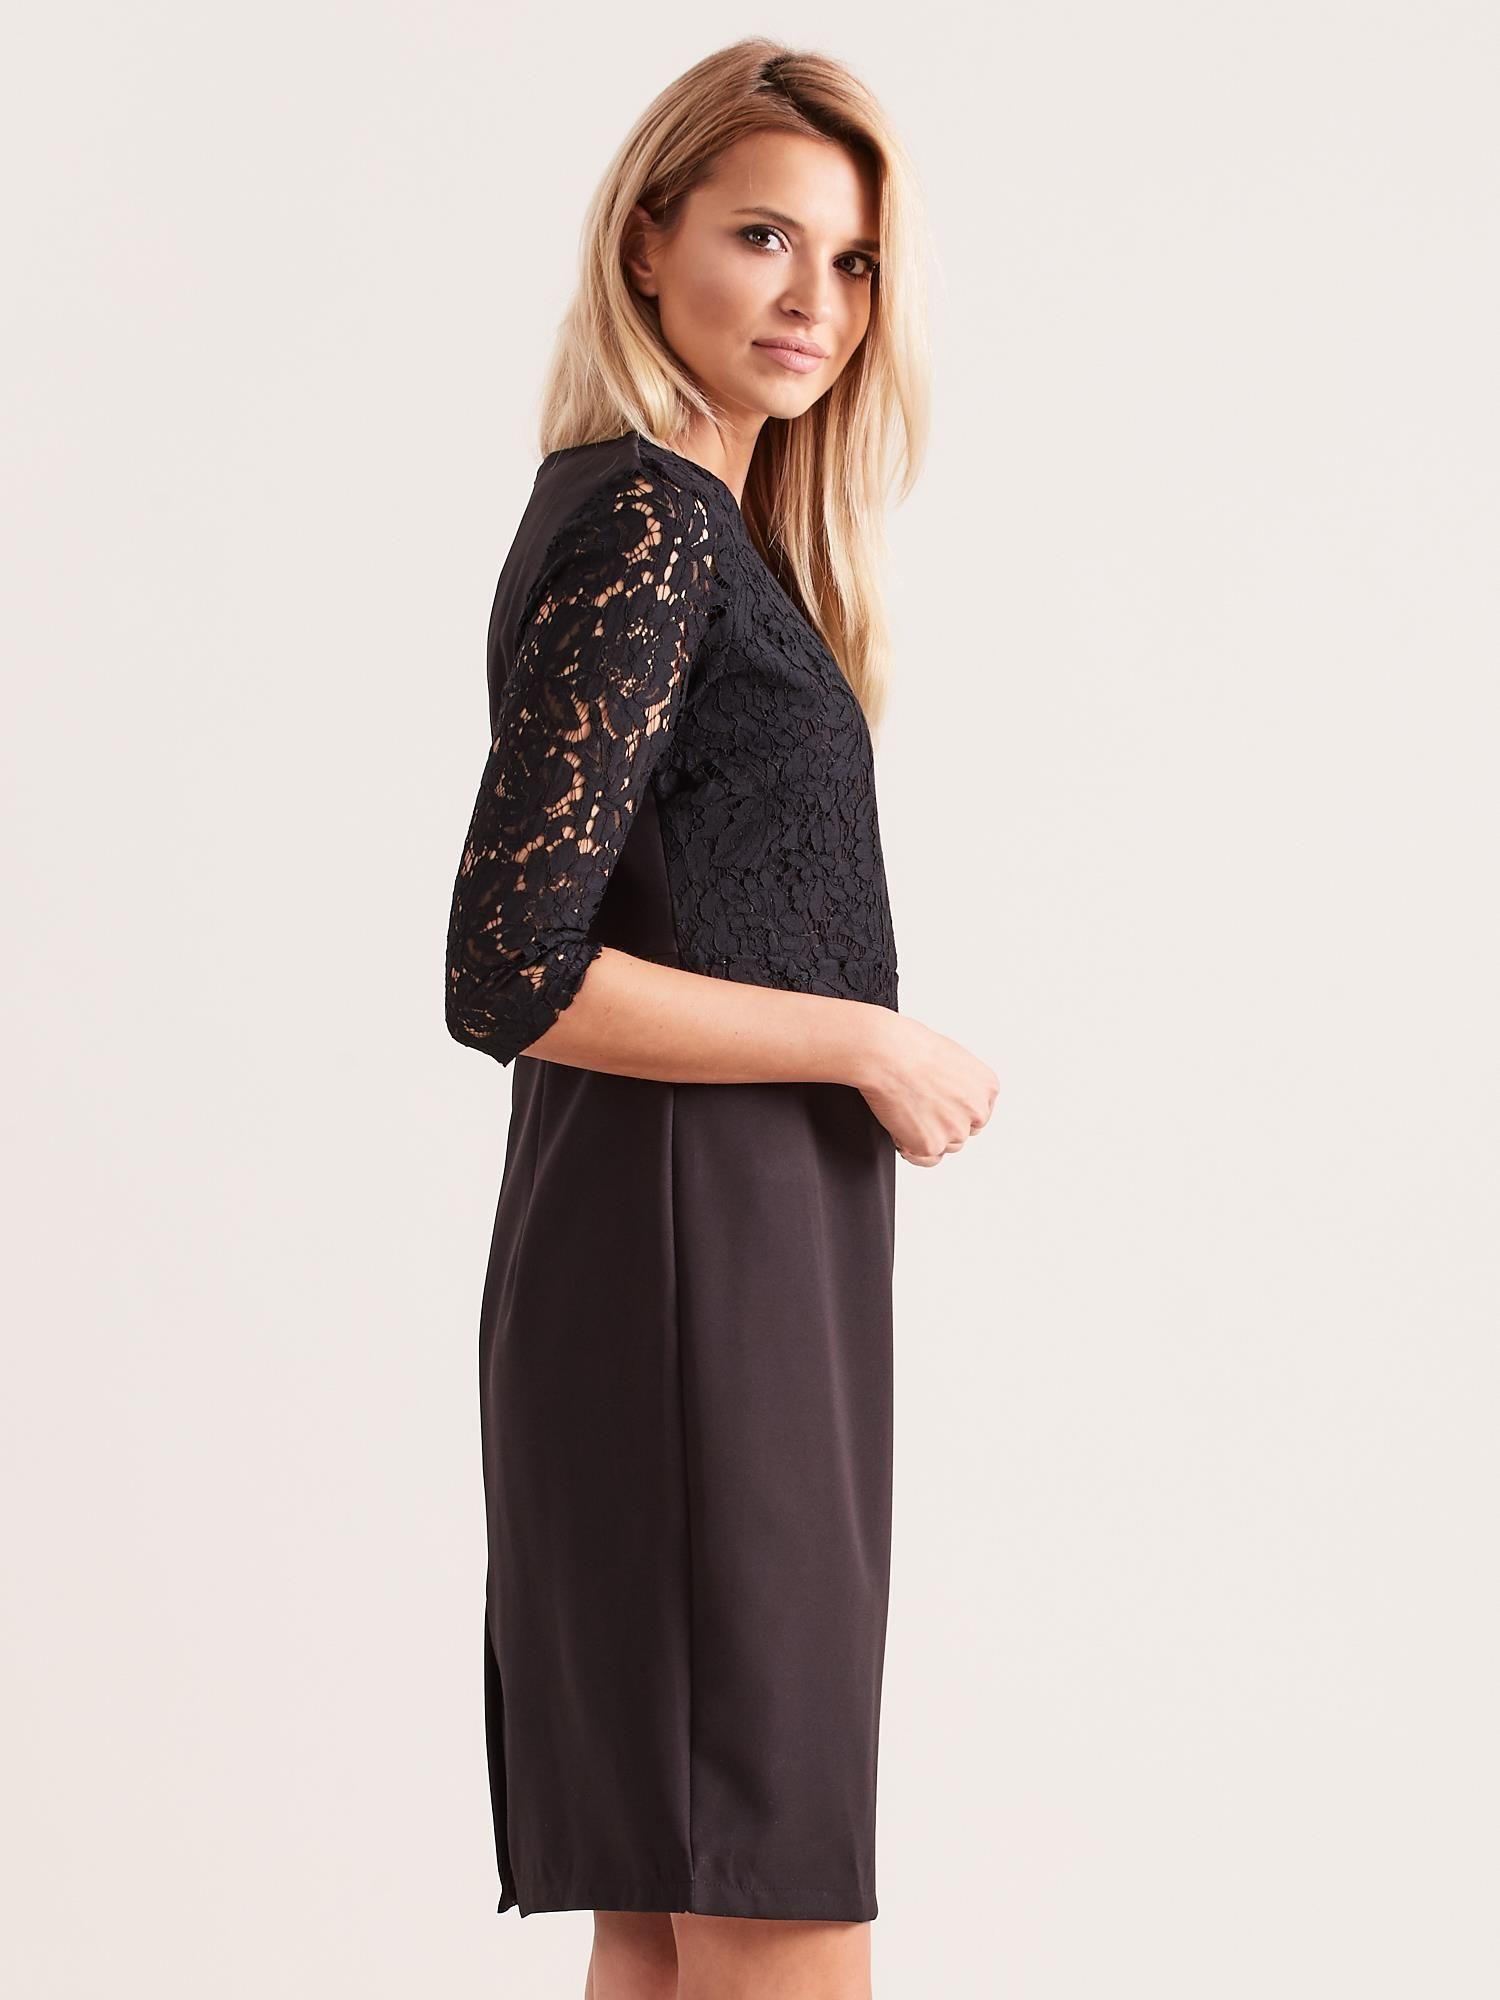 665acc79c3 Czarna elegancka sukienka z koronką - Sukienka wieczorowa - sklep ...